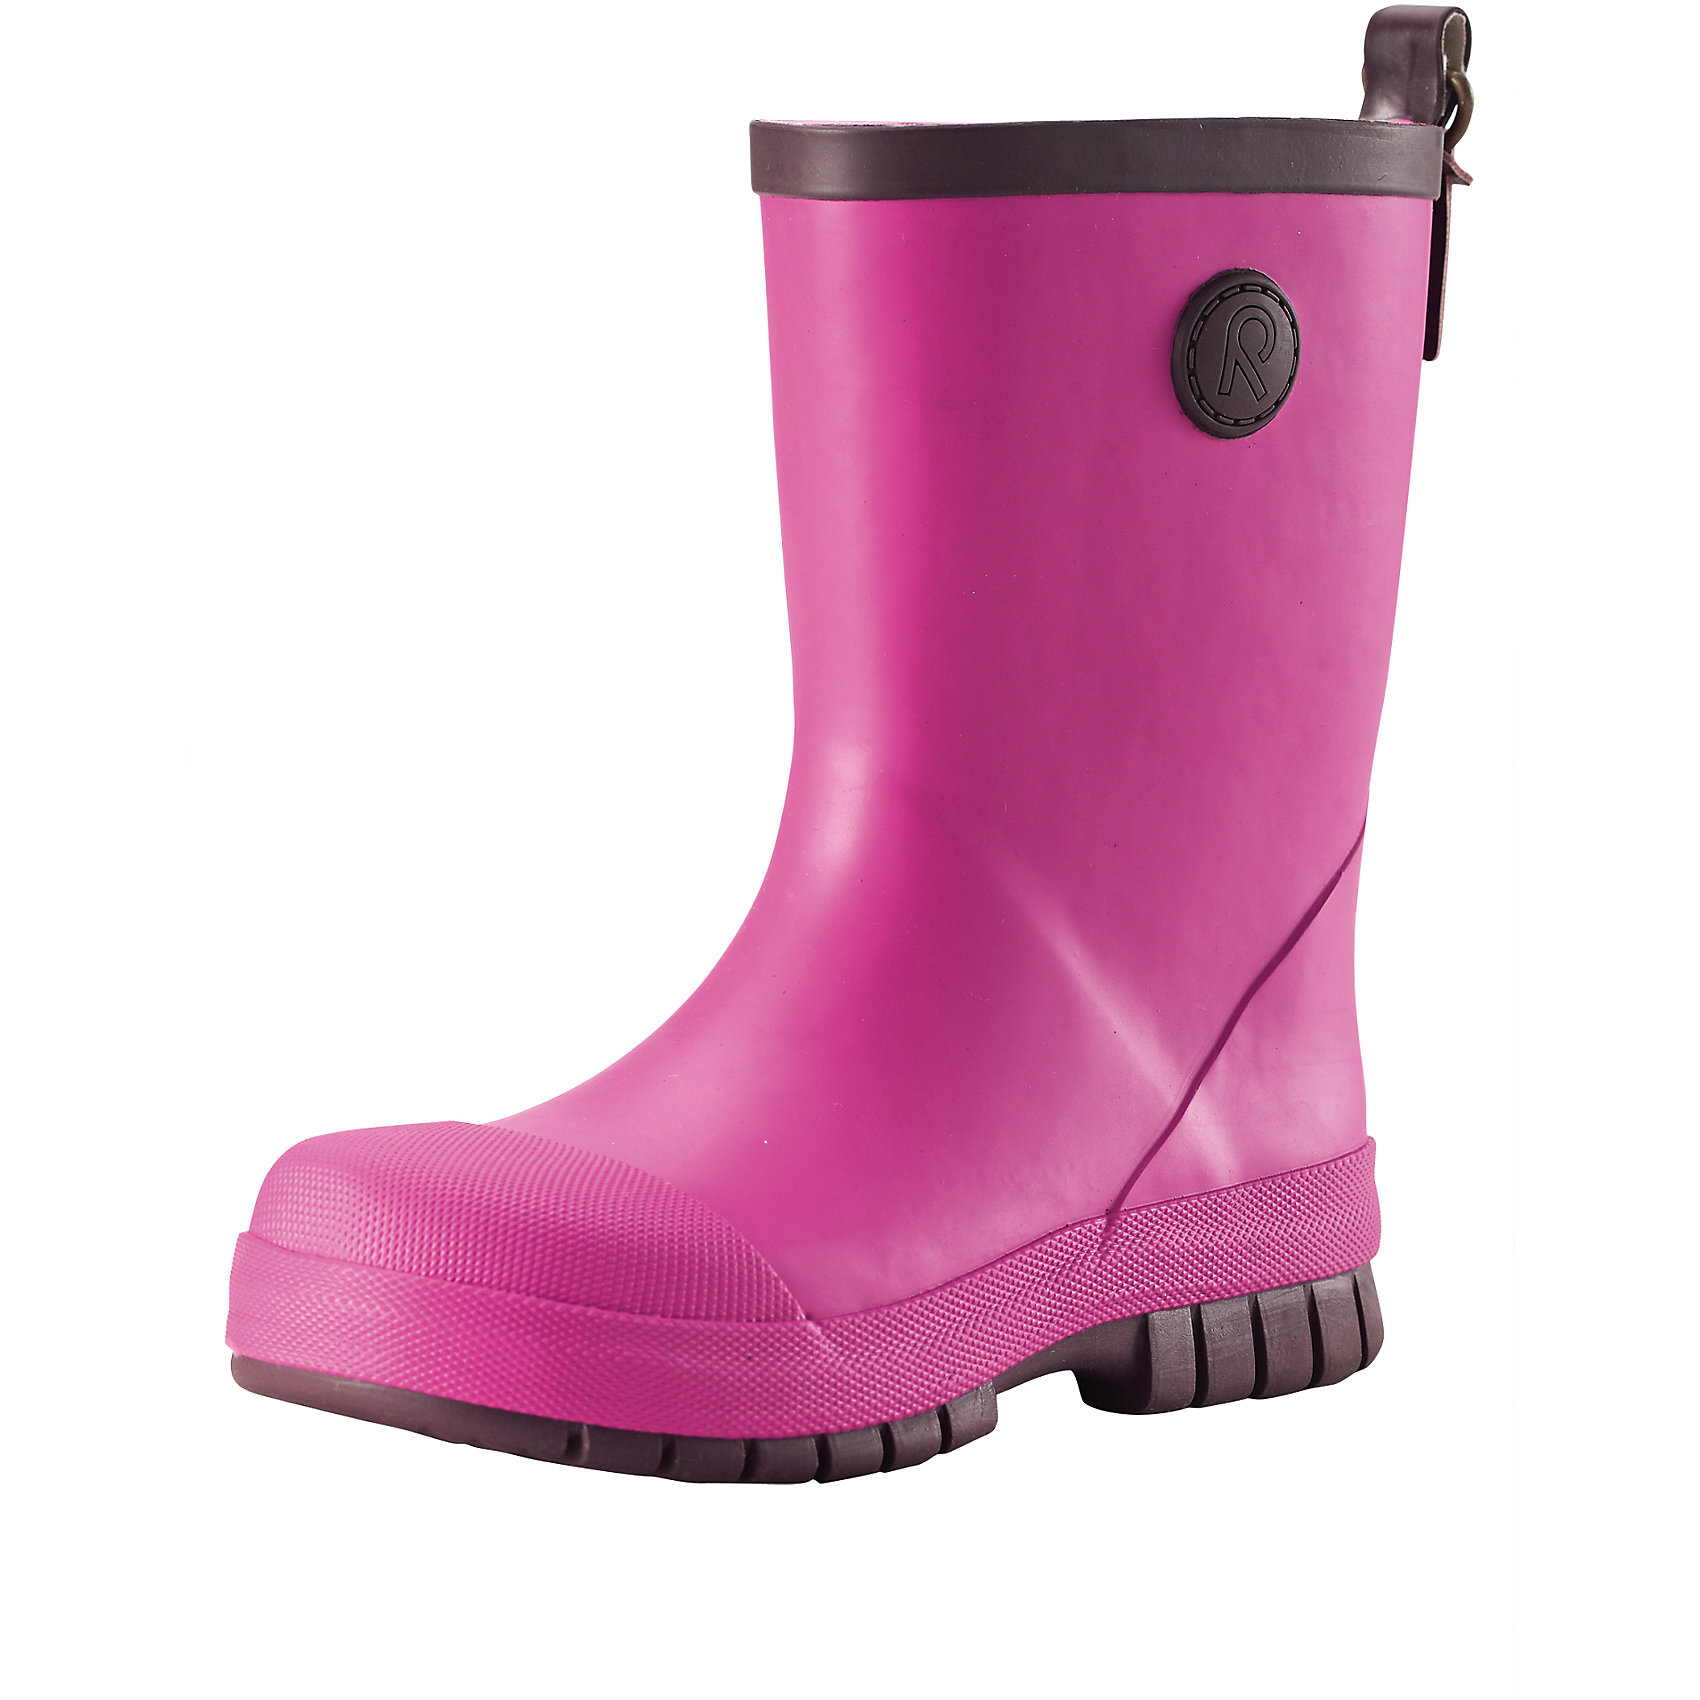 Резиновые сапоги для девочки ReimaВеликолепные однотонные резиновые ботинки для малышей легко комбинируются с различной одеждой. Ботинки оснащены удобной хлопчатобумажной подкладкой, а съемные стельки с принтом Happy Fit помогут подобрать правильный размер. Резиновые ботинки Reima® специально разработаны для маленьких детей – высота голенища тщательно подобрана для удобства детской ножки, поэтому ботинки легко одеваются, но обеспечивают необходимую защиту. Штрипки брюк или комбинезона будут оставаться неподвижными и расположатся как раз перед каблуком благодаря канавке на подошве. Резиновая подошва гарантирует хорошее сцепление на любой поверхности. Обратите внимание на рефлектор на задней части для дополнительной безопасности.<br><br>Дополнительная информация:<br><br>Резиновые сапоги для детей<br>Основной материал на 40 % состоит из натурального каучука, не содержит поливинилхлорида<br>Хлопчатобумажная подкладка<br>Съемные стельки с рисунком Happy Fit, которые помогают определить размер<br>Отражатель на заднике<br>Состав:<br>Подошва: резина, Верх: резина<br>Уход:<br>После использования резиновые сапоги следует почистить. Храните сапоги в темном прохладном месте: выпрямив их голенища.<br><br>Ширина мм: 237<br>Глубина мм: 180<br>Высота мм: 152<br>Вес г: 438<br>Цвет: розовый<br>Возраст от месяцев: 96<br>Возраст до месяцев: 108<br>Пол: Женский<br>Возраст: Детский<br>Размер: 32,36,37,33,38,30,31,29,28,25,26,27,34,35<br>SKU: 4498401